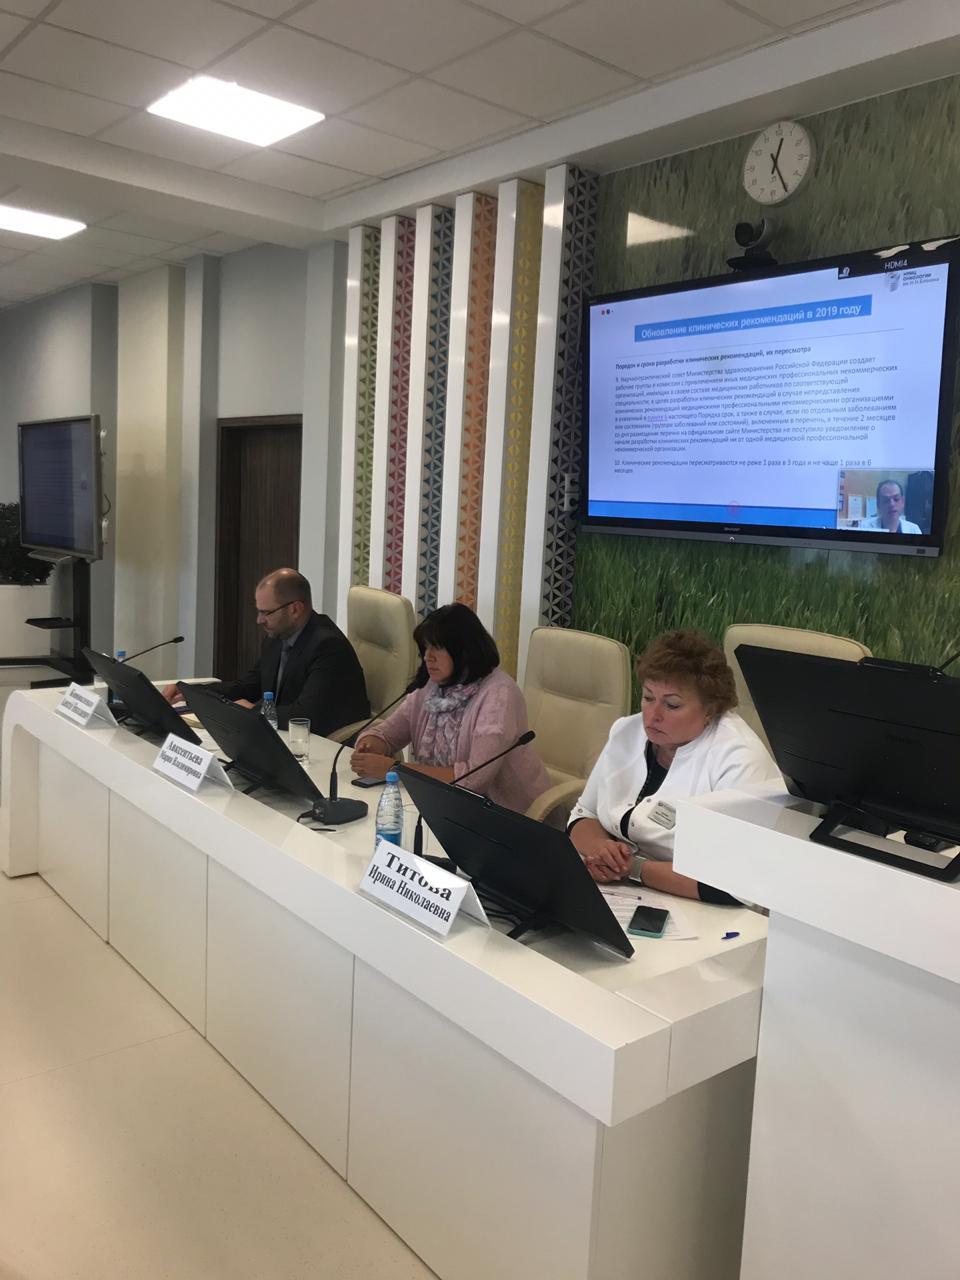 Мероприятие «Практические аспекты применения КСГ в онкологии» в Красноярске